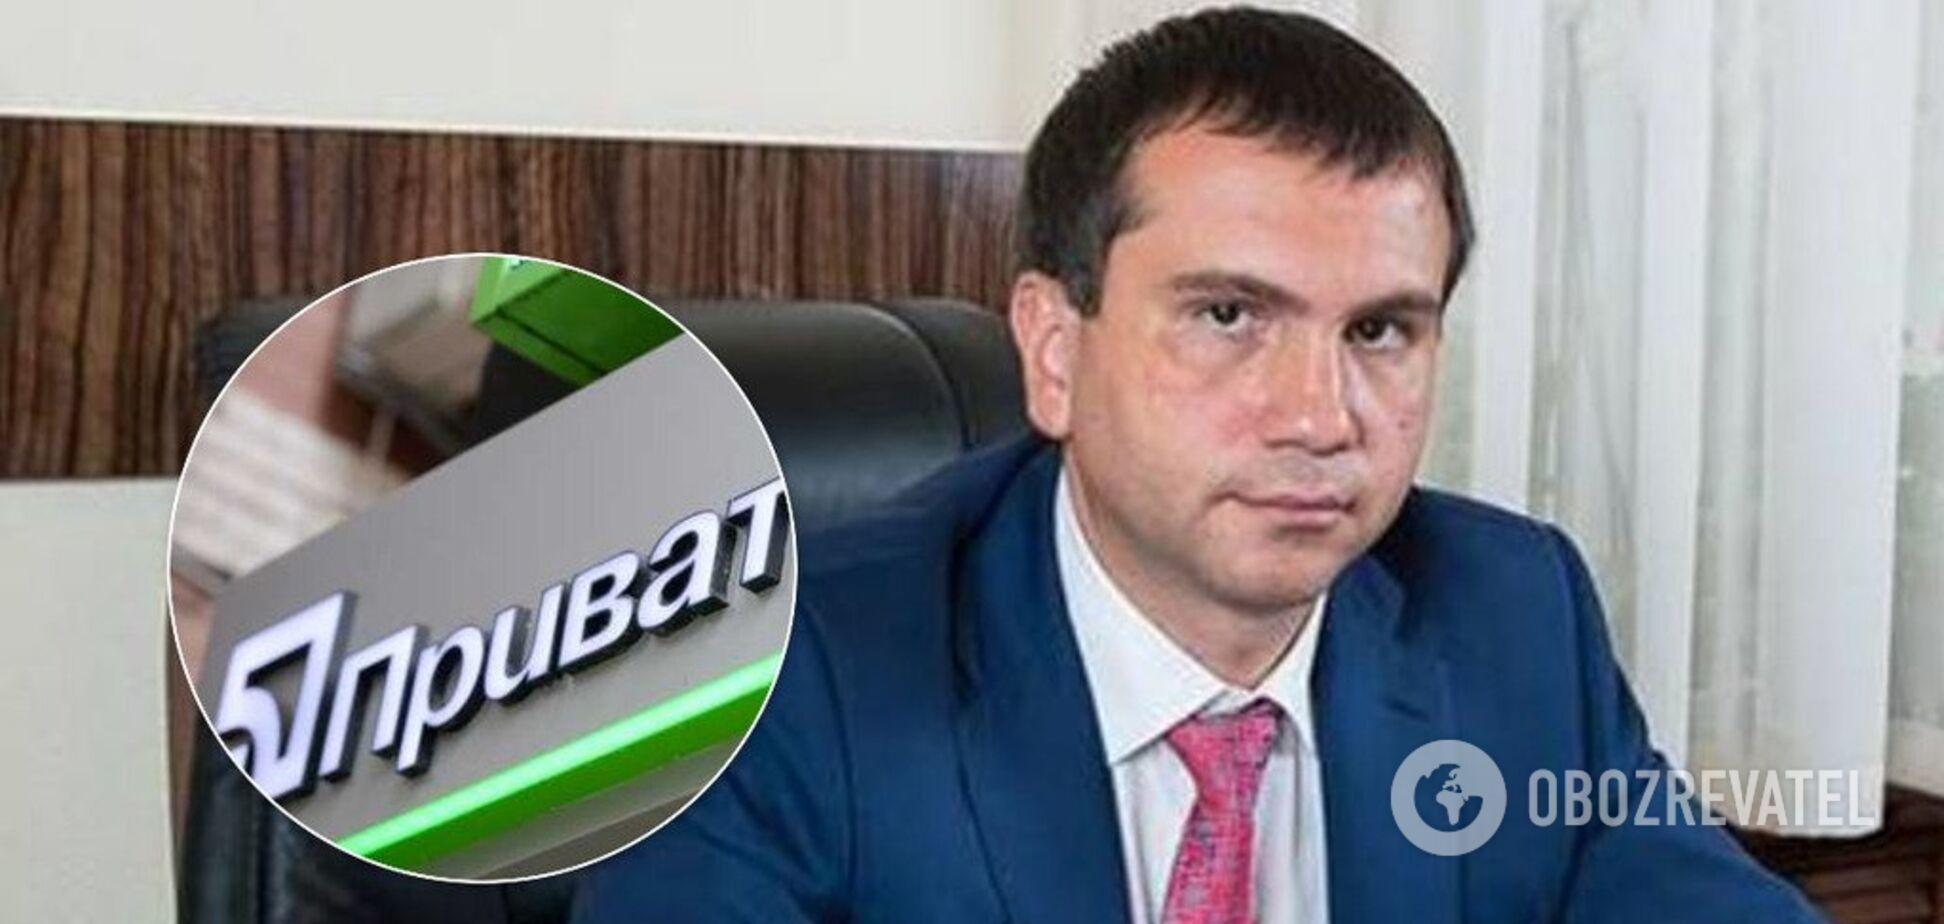 Намагався скасувати націоналізацію 'Привату': журналіст заявив про замовчування владою справи судді Вовка